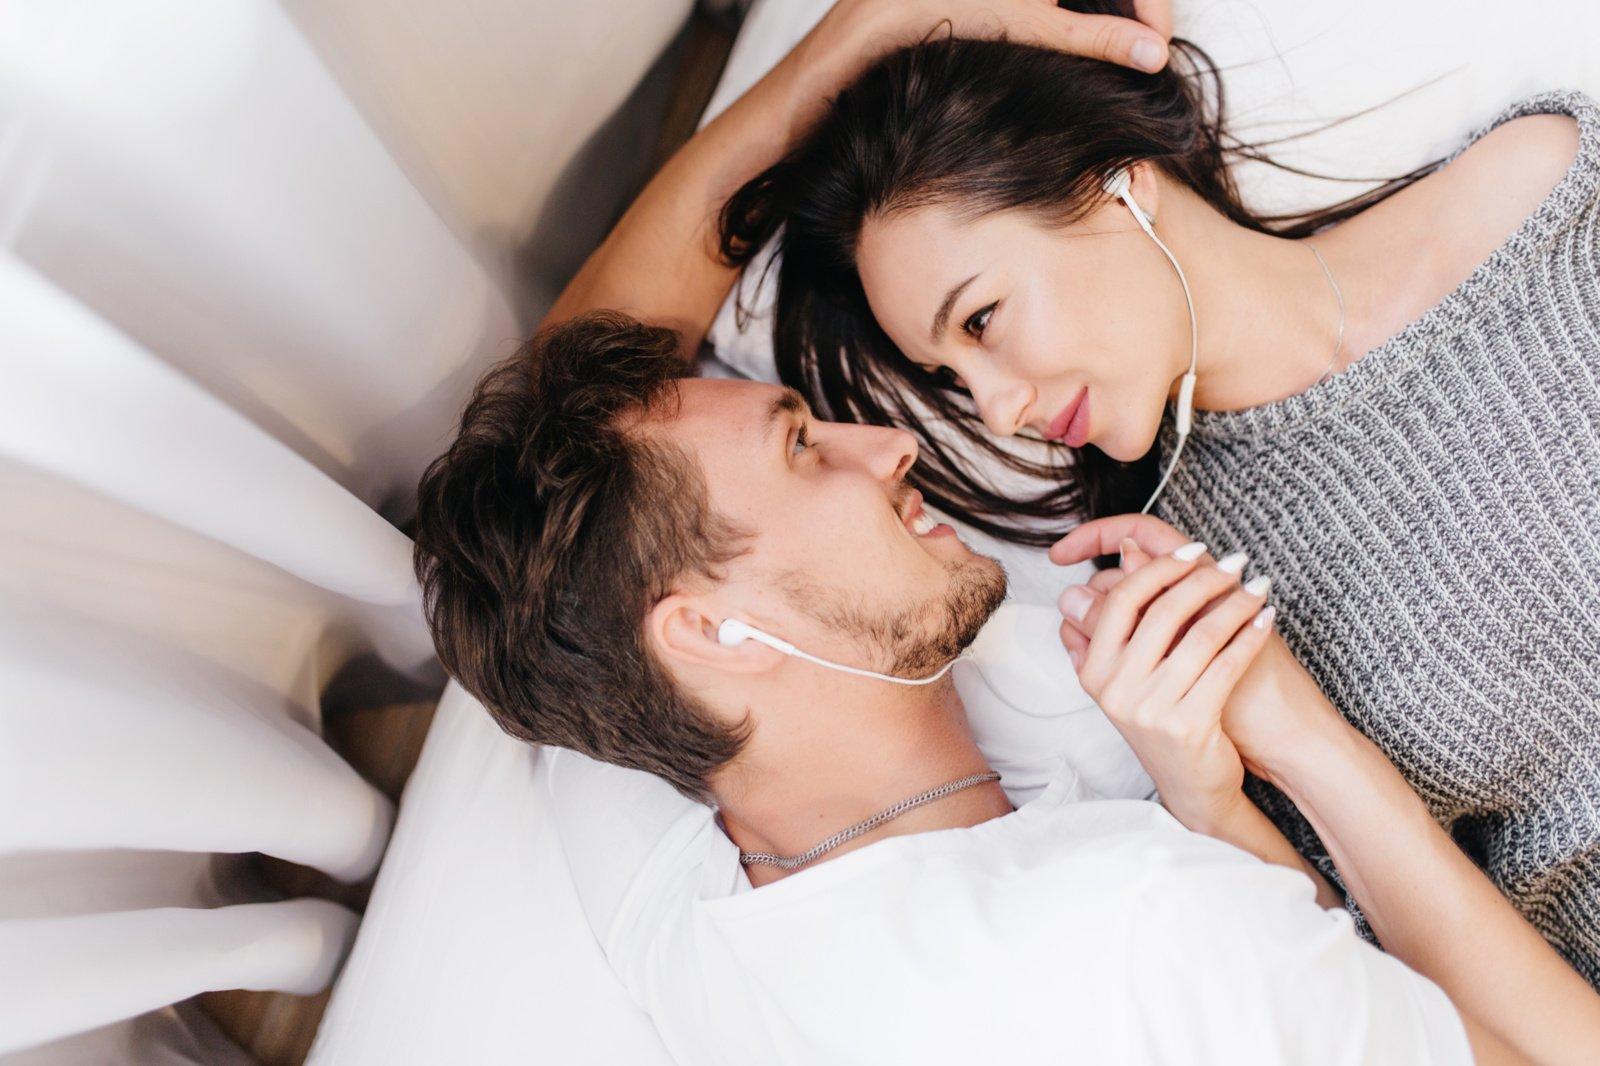 Tyrimas atskleidė populiariausius erotinius sapnus: ar teko tokius sapnuoti?